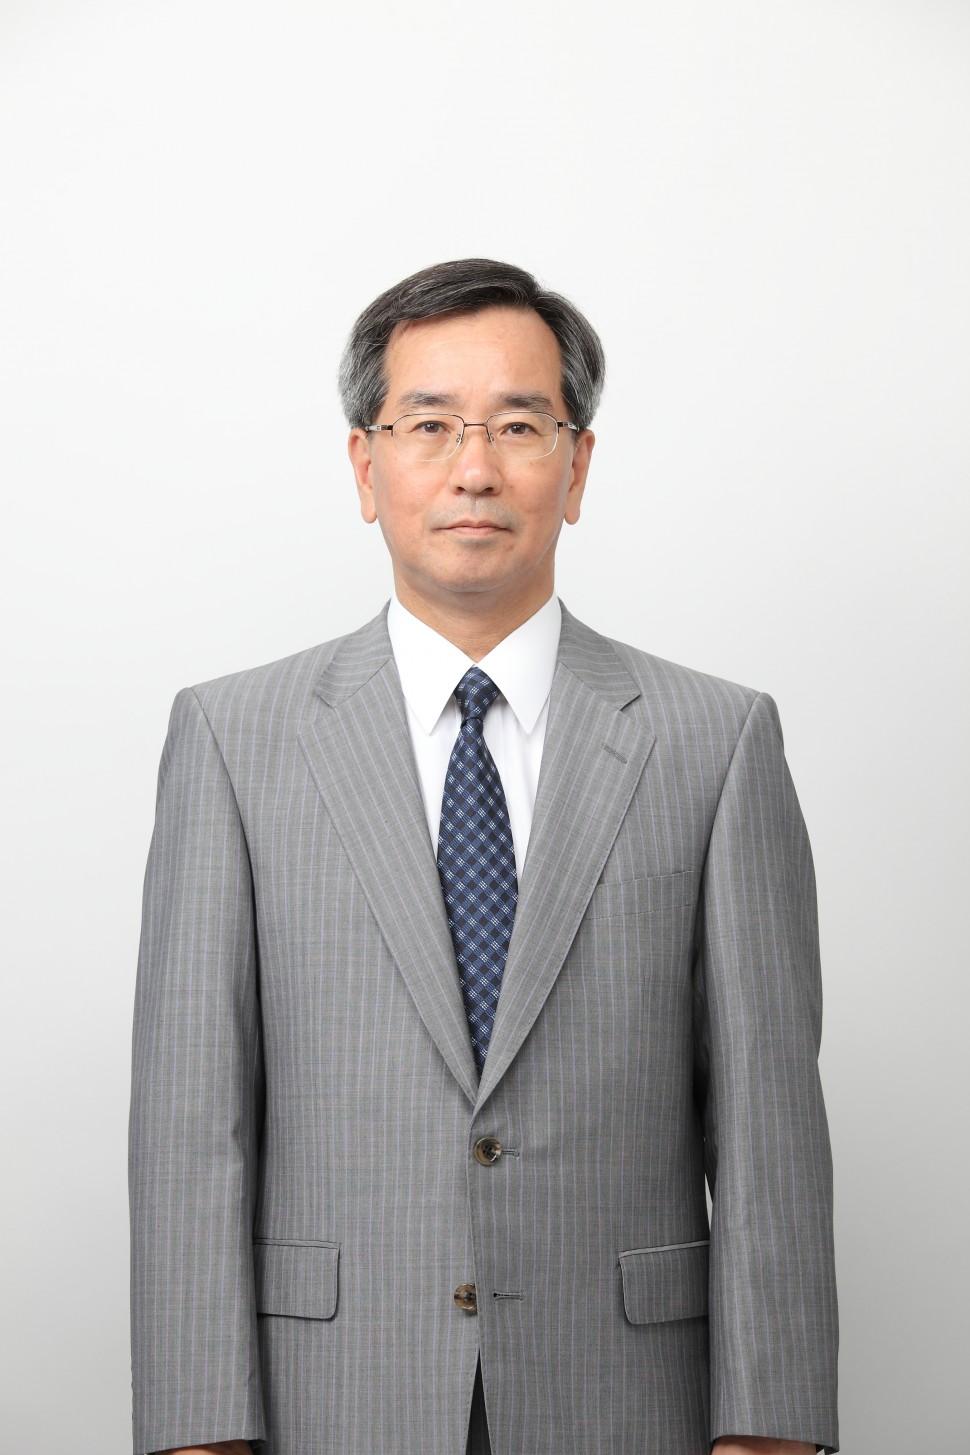 伊藤正明新社長